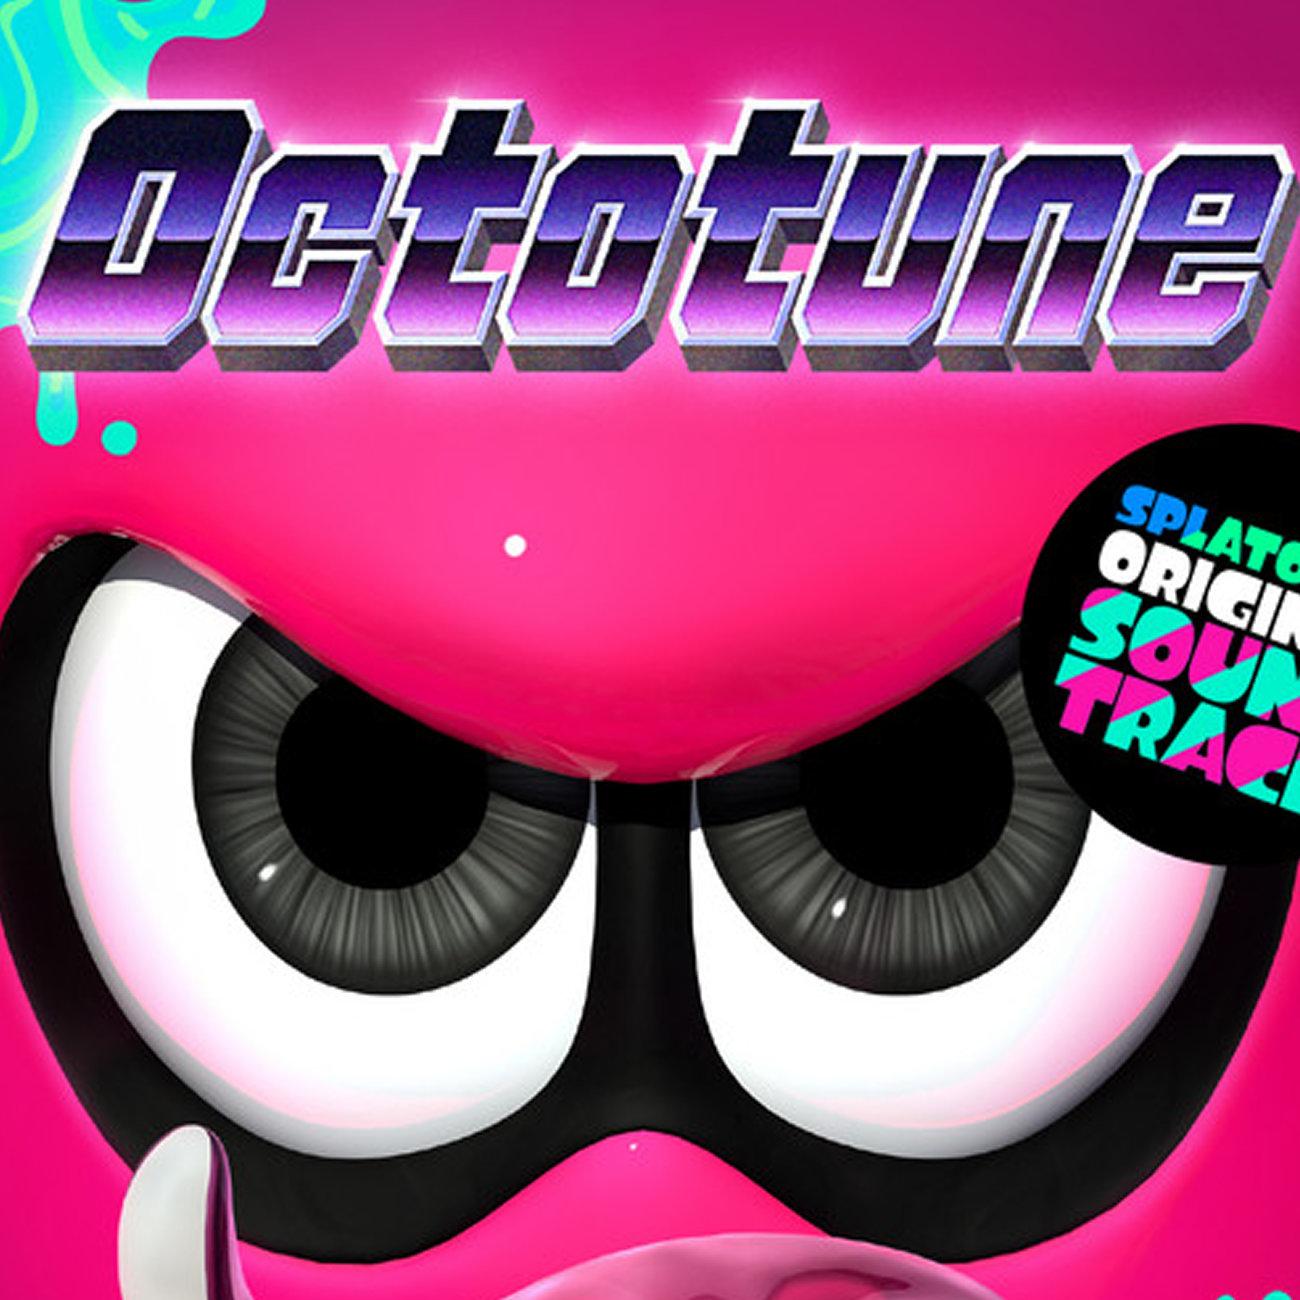 スプラトゥーン2、サントラCDの第2弾。DLC曲やライブ